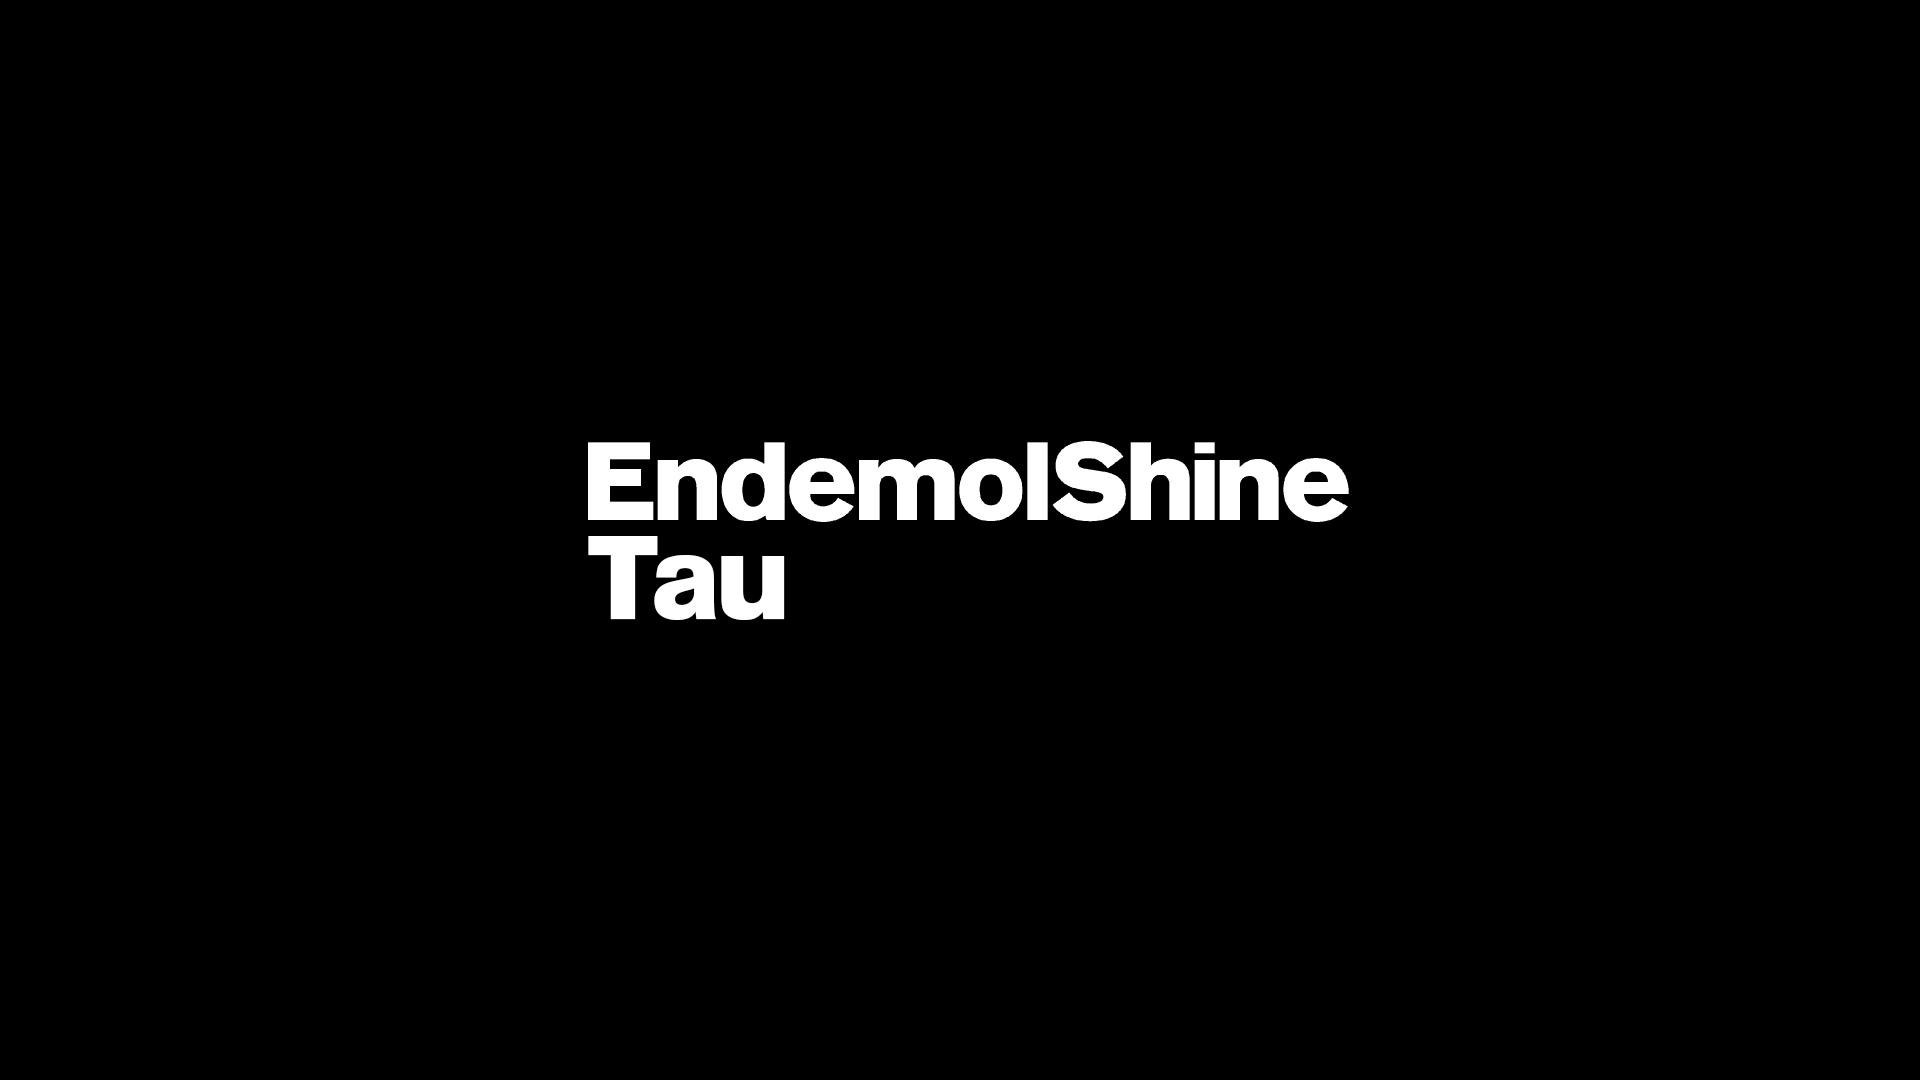 Endemol Shine Tau